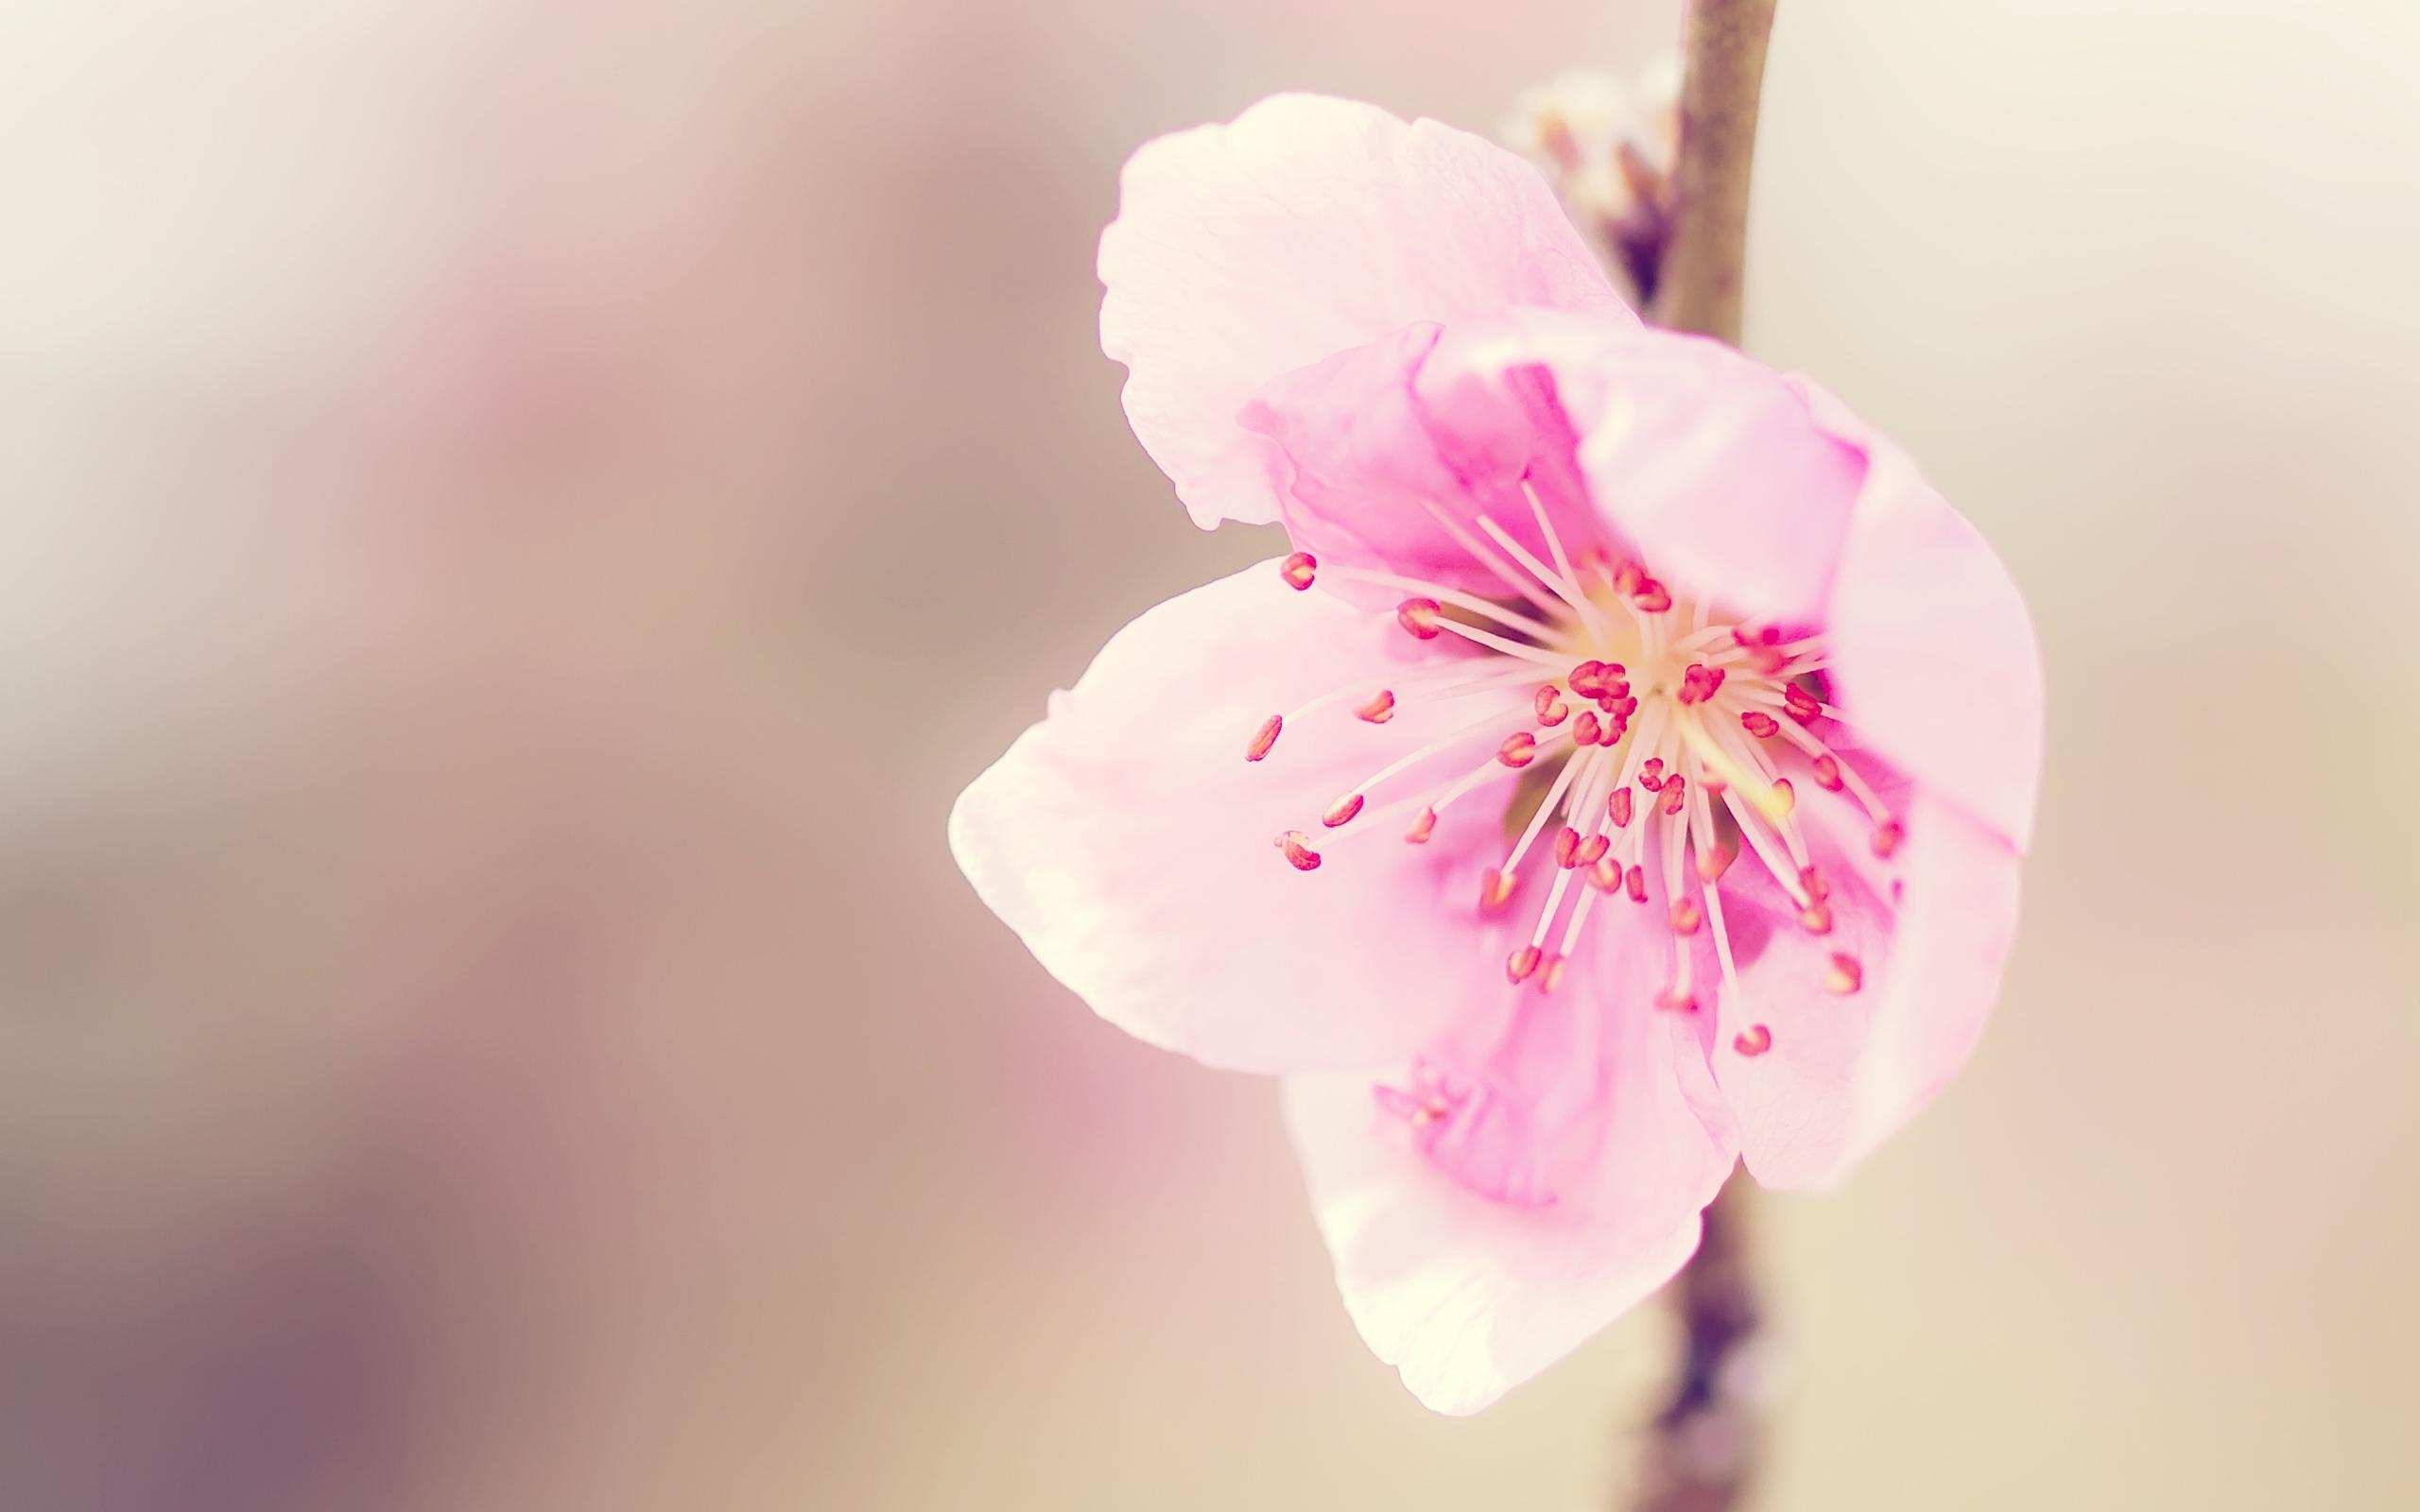 50141 fond d'écran 1125x2436 sur votre téléphone gratuitement, téléchargez des images Plantes, Fleurs 1125x2436 sur votre mobile